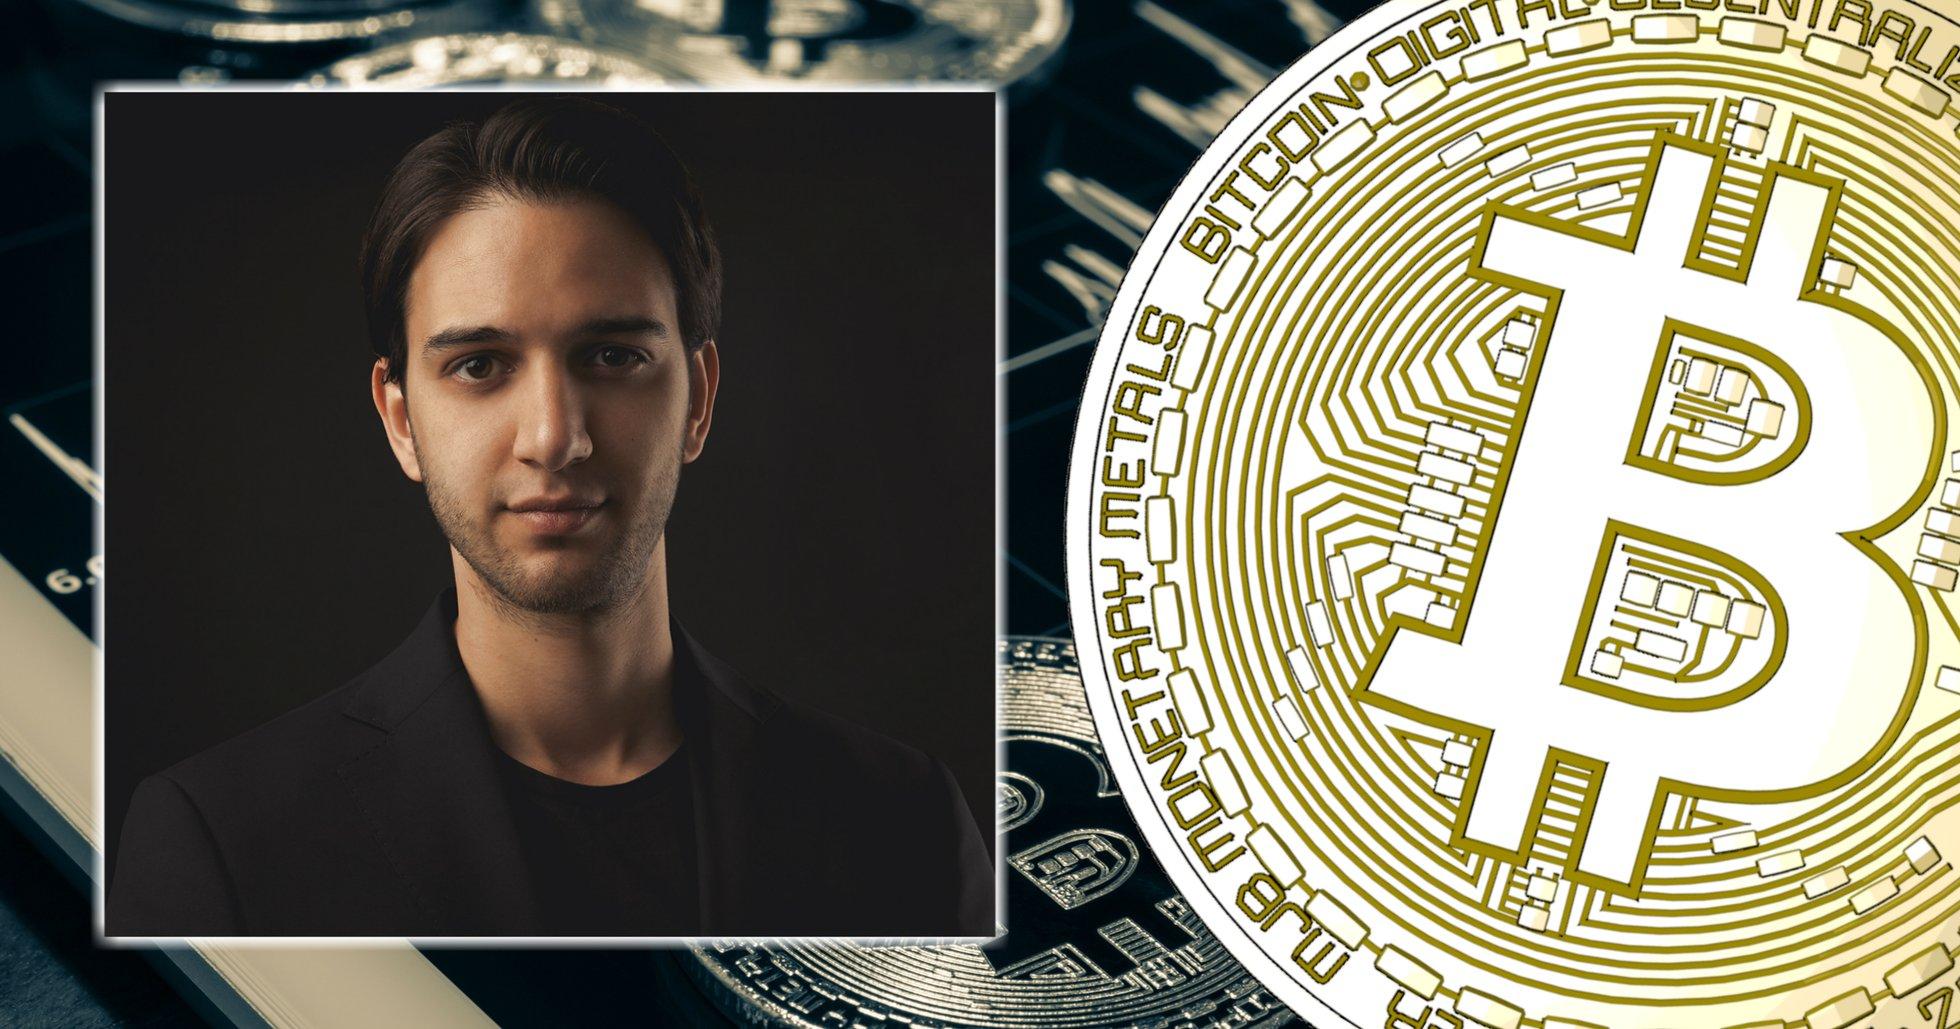 Svenska profilen Eric Wall startar kryptofond – backas av norsk mångmiljardär.